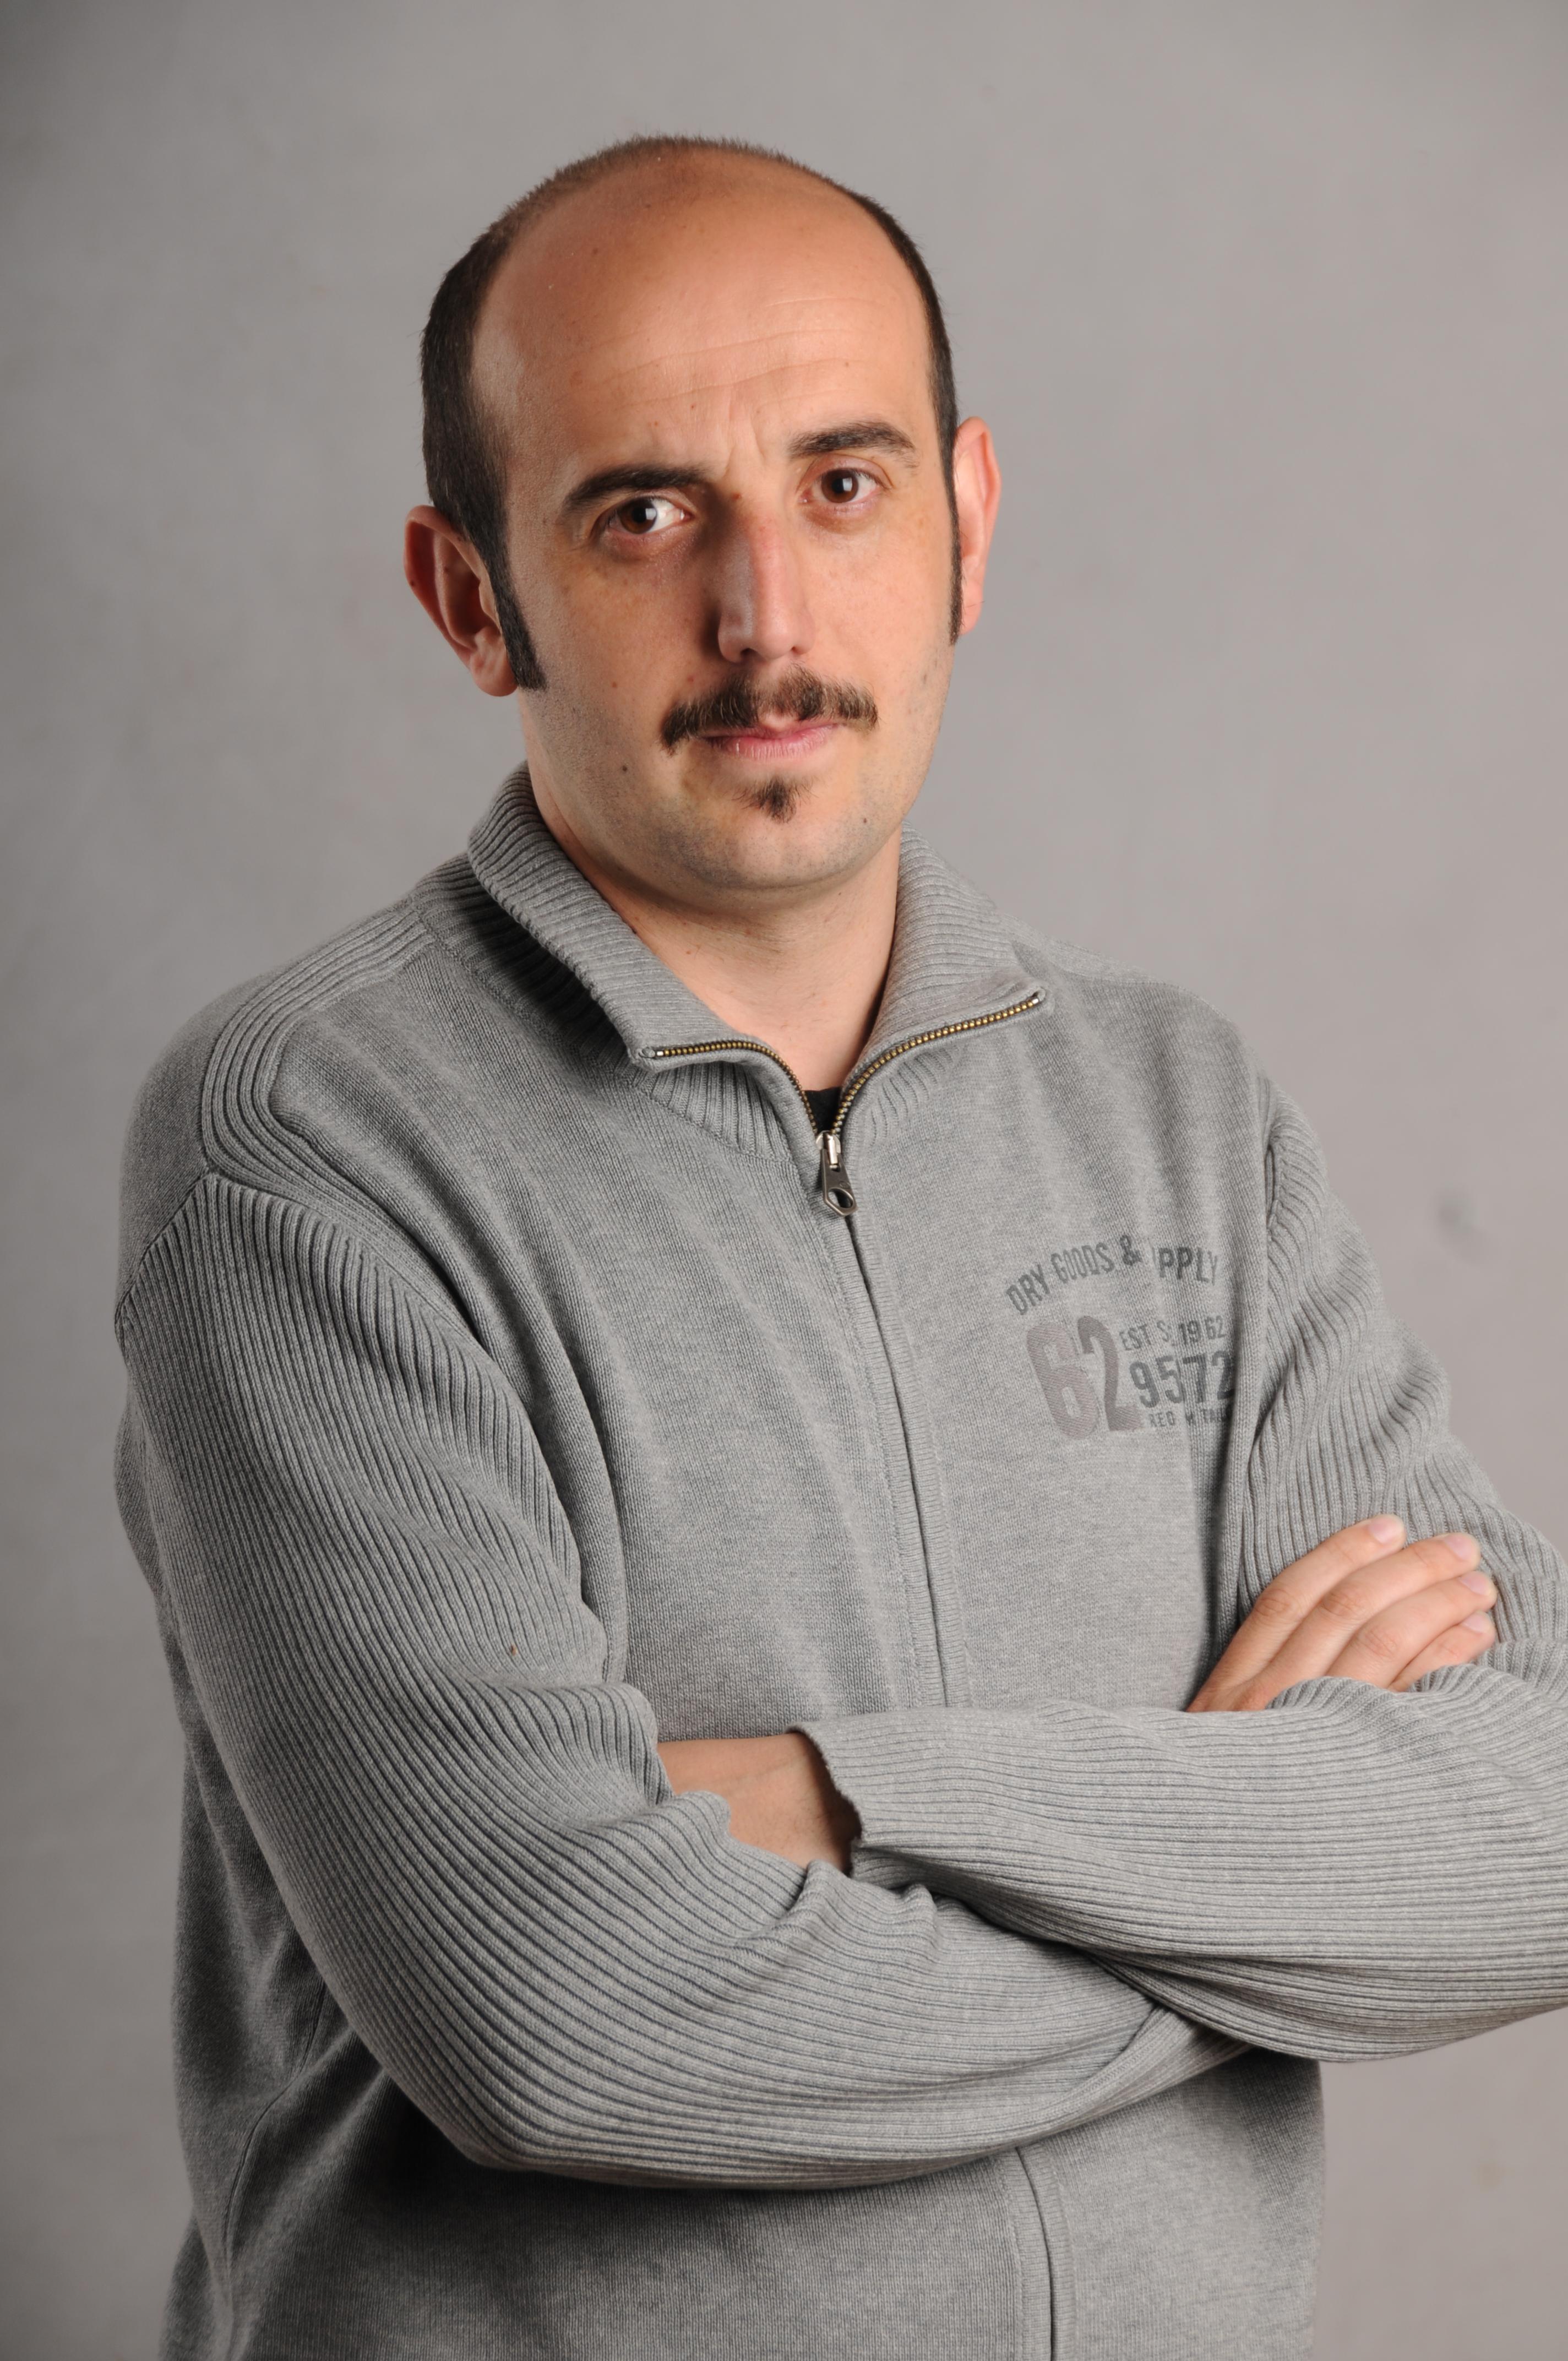 Sehad Čekić